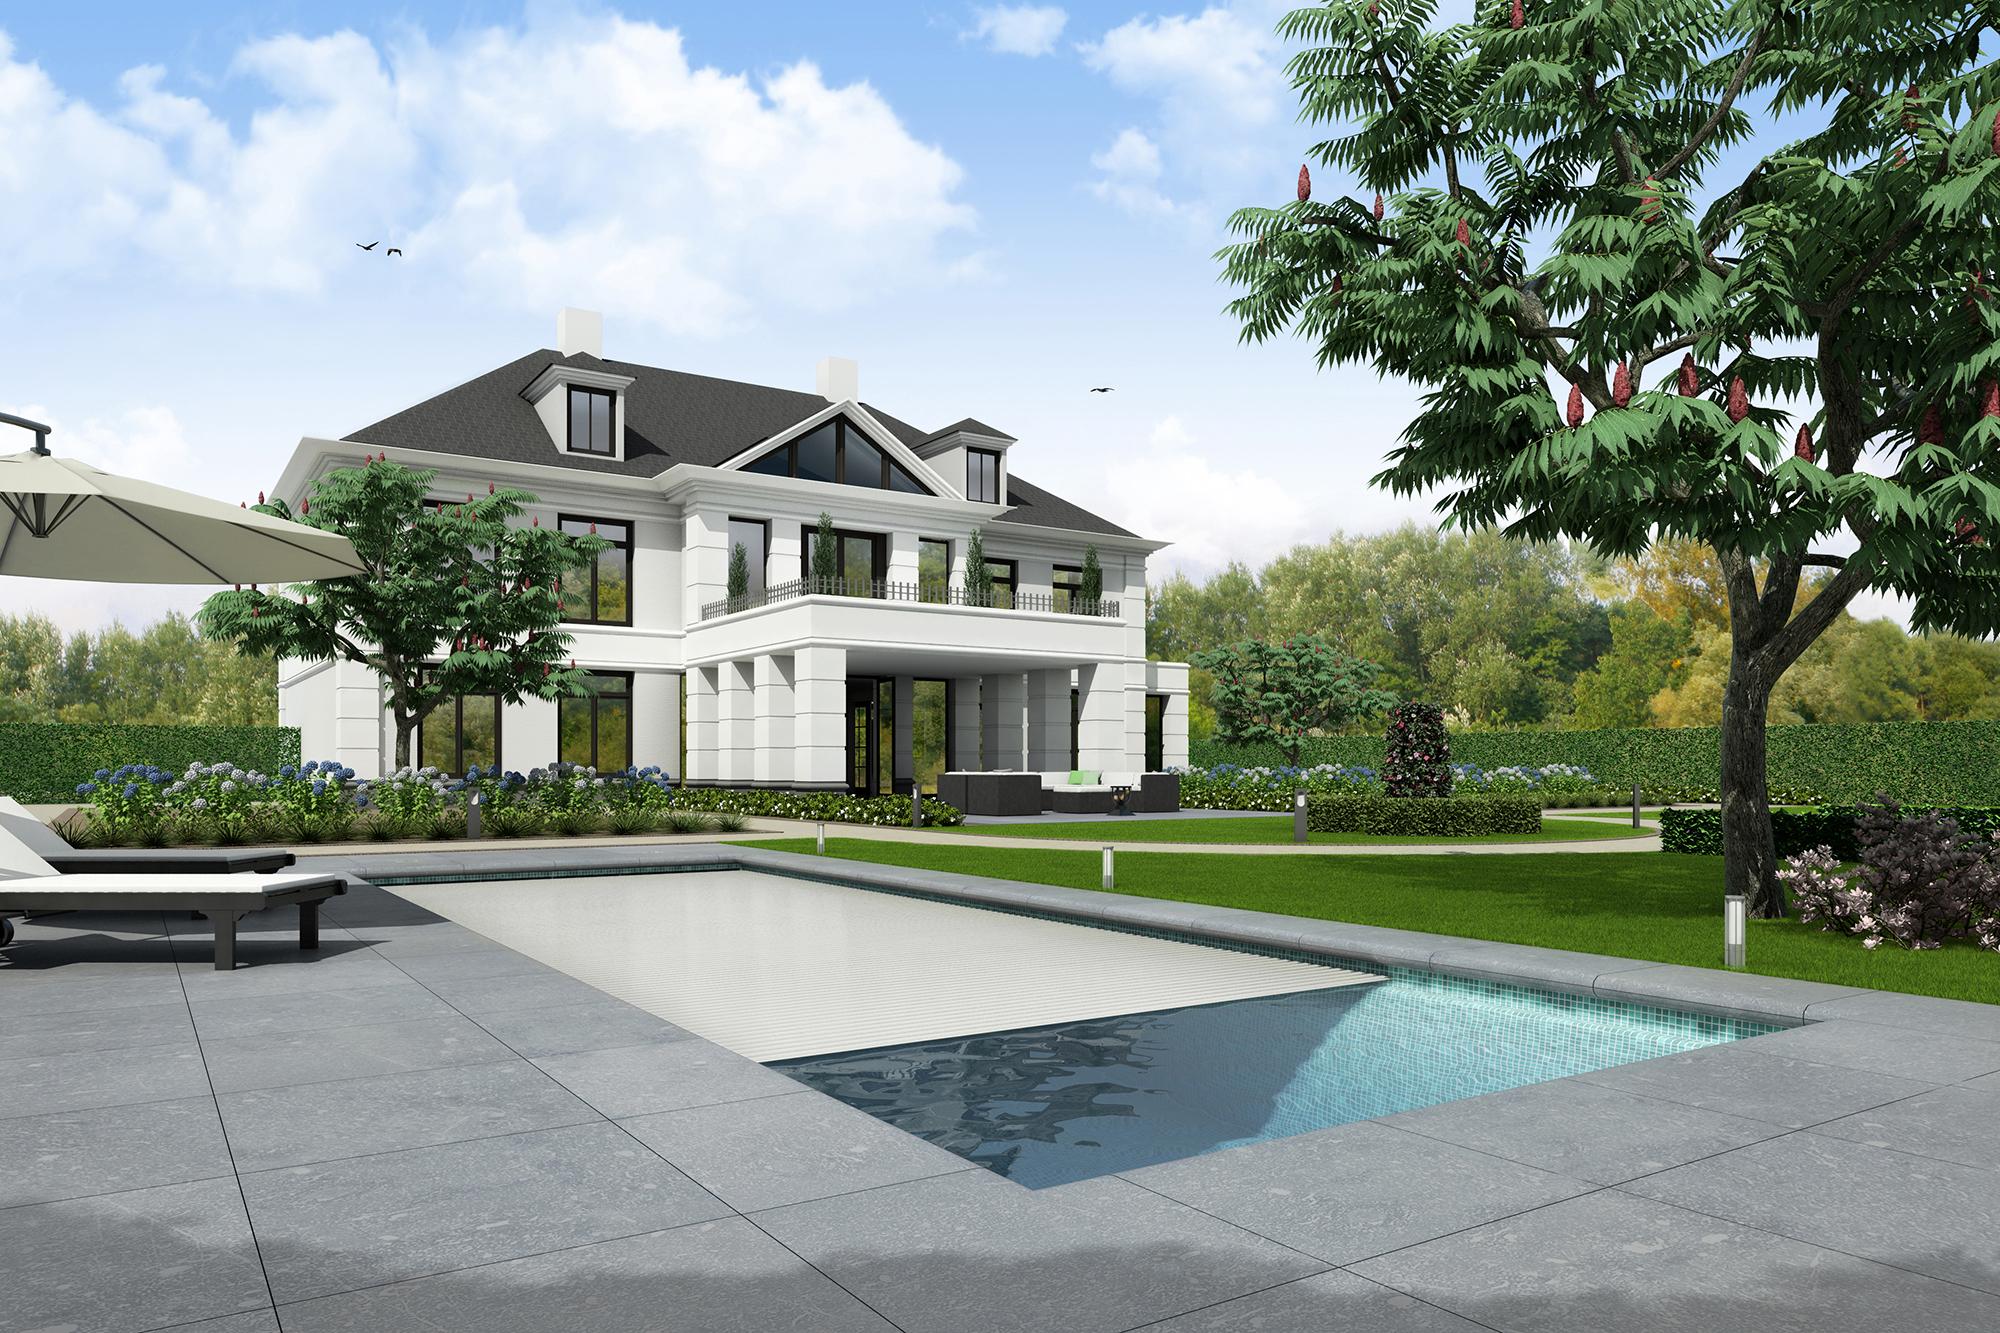 schwimmbad im haus kosten schwimmbad im haus kosten thumbs schwimmbad bild bauen kosten innen. Black Bedroom Furniture Sets. Home Design Ideas